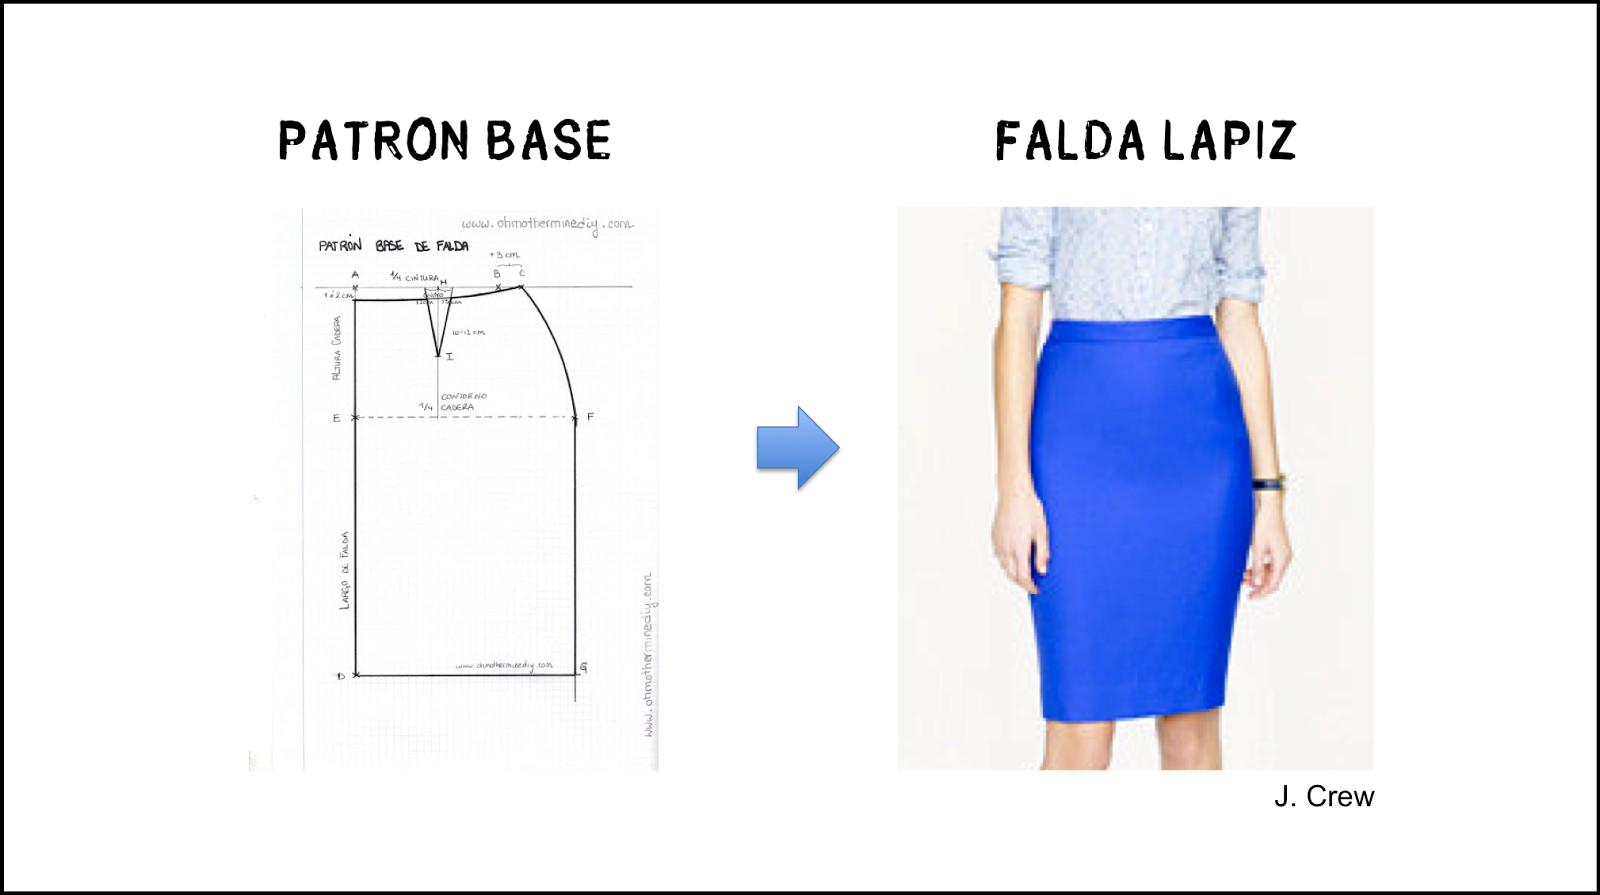 Modelos de faldas y sus patrones | Costura | Pinterest